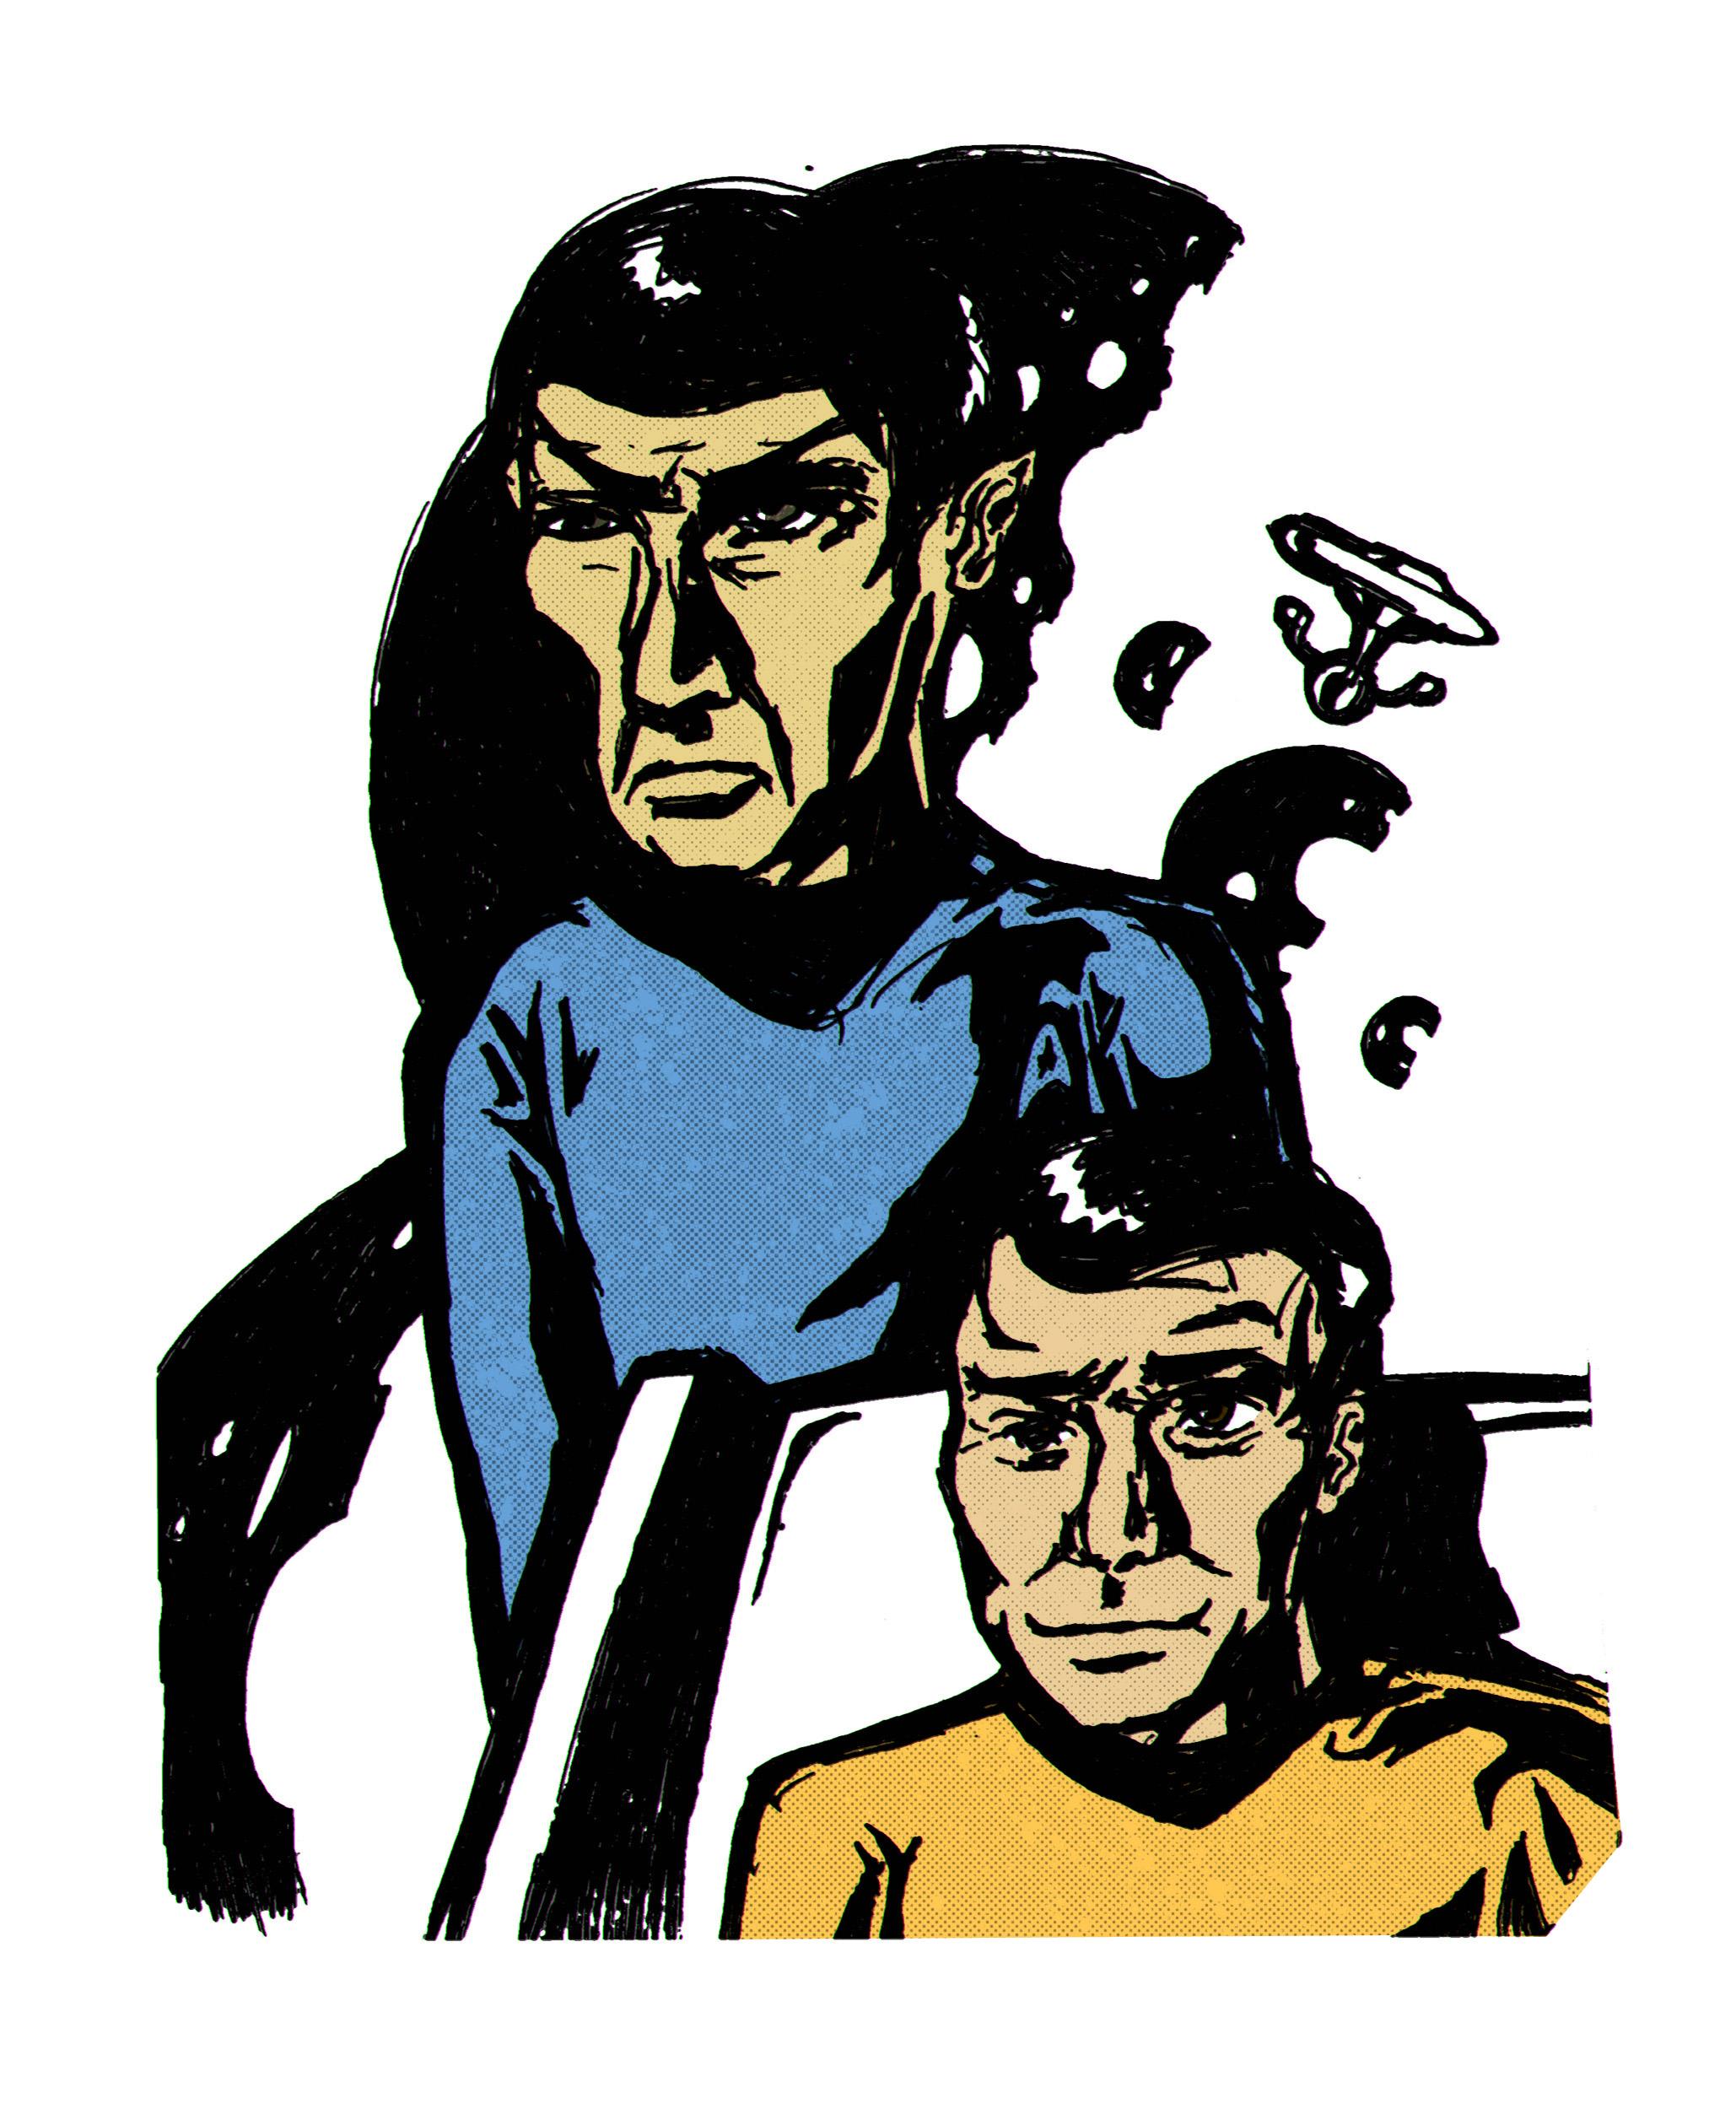 """Капитан Кирк и мистер Спок (""""Звездный путь""""). Бумага, ручка."""